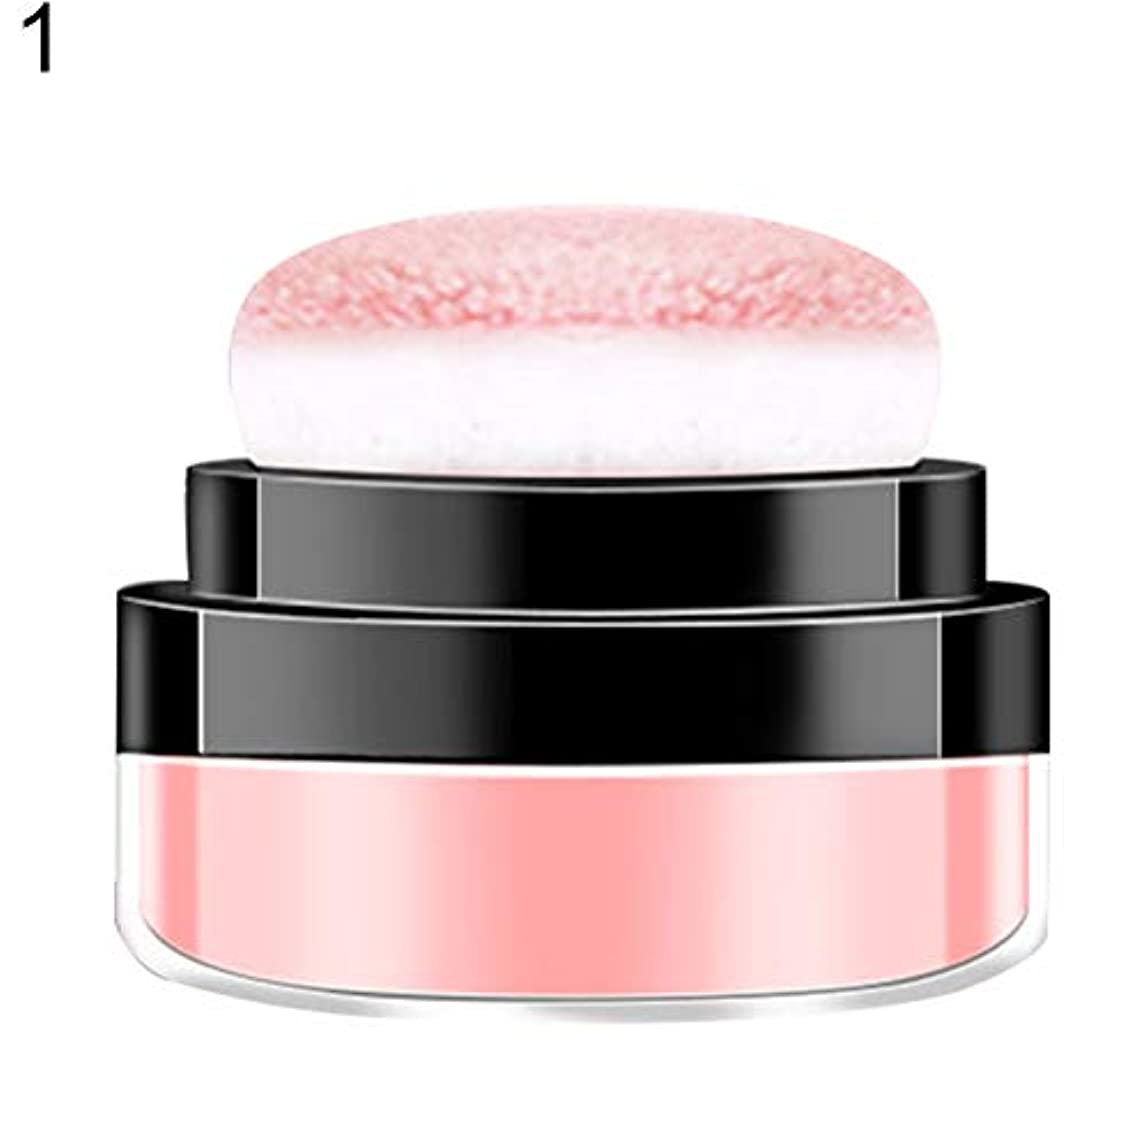 添加後継バーダイドーラ8.8gマッシュルームエアクッションブラッシャーフェイシャルナチュラルブライトニング化粧品 - 1